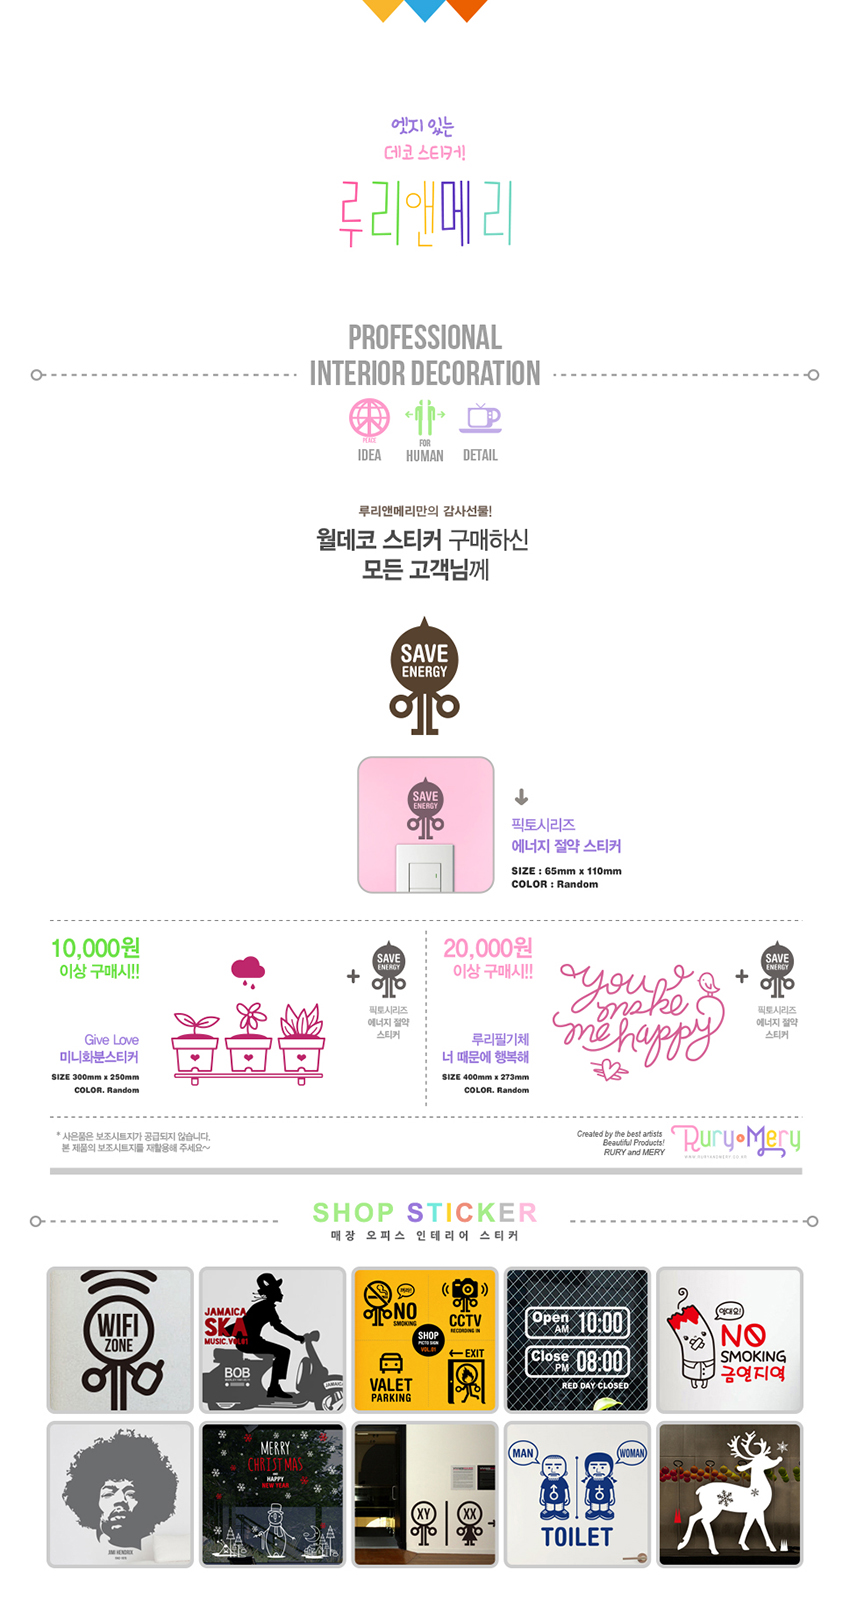 Vol_04 ART 사인보드 - 루리앤메리, 3,360원, 문패/보드, 칠판보드